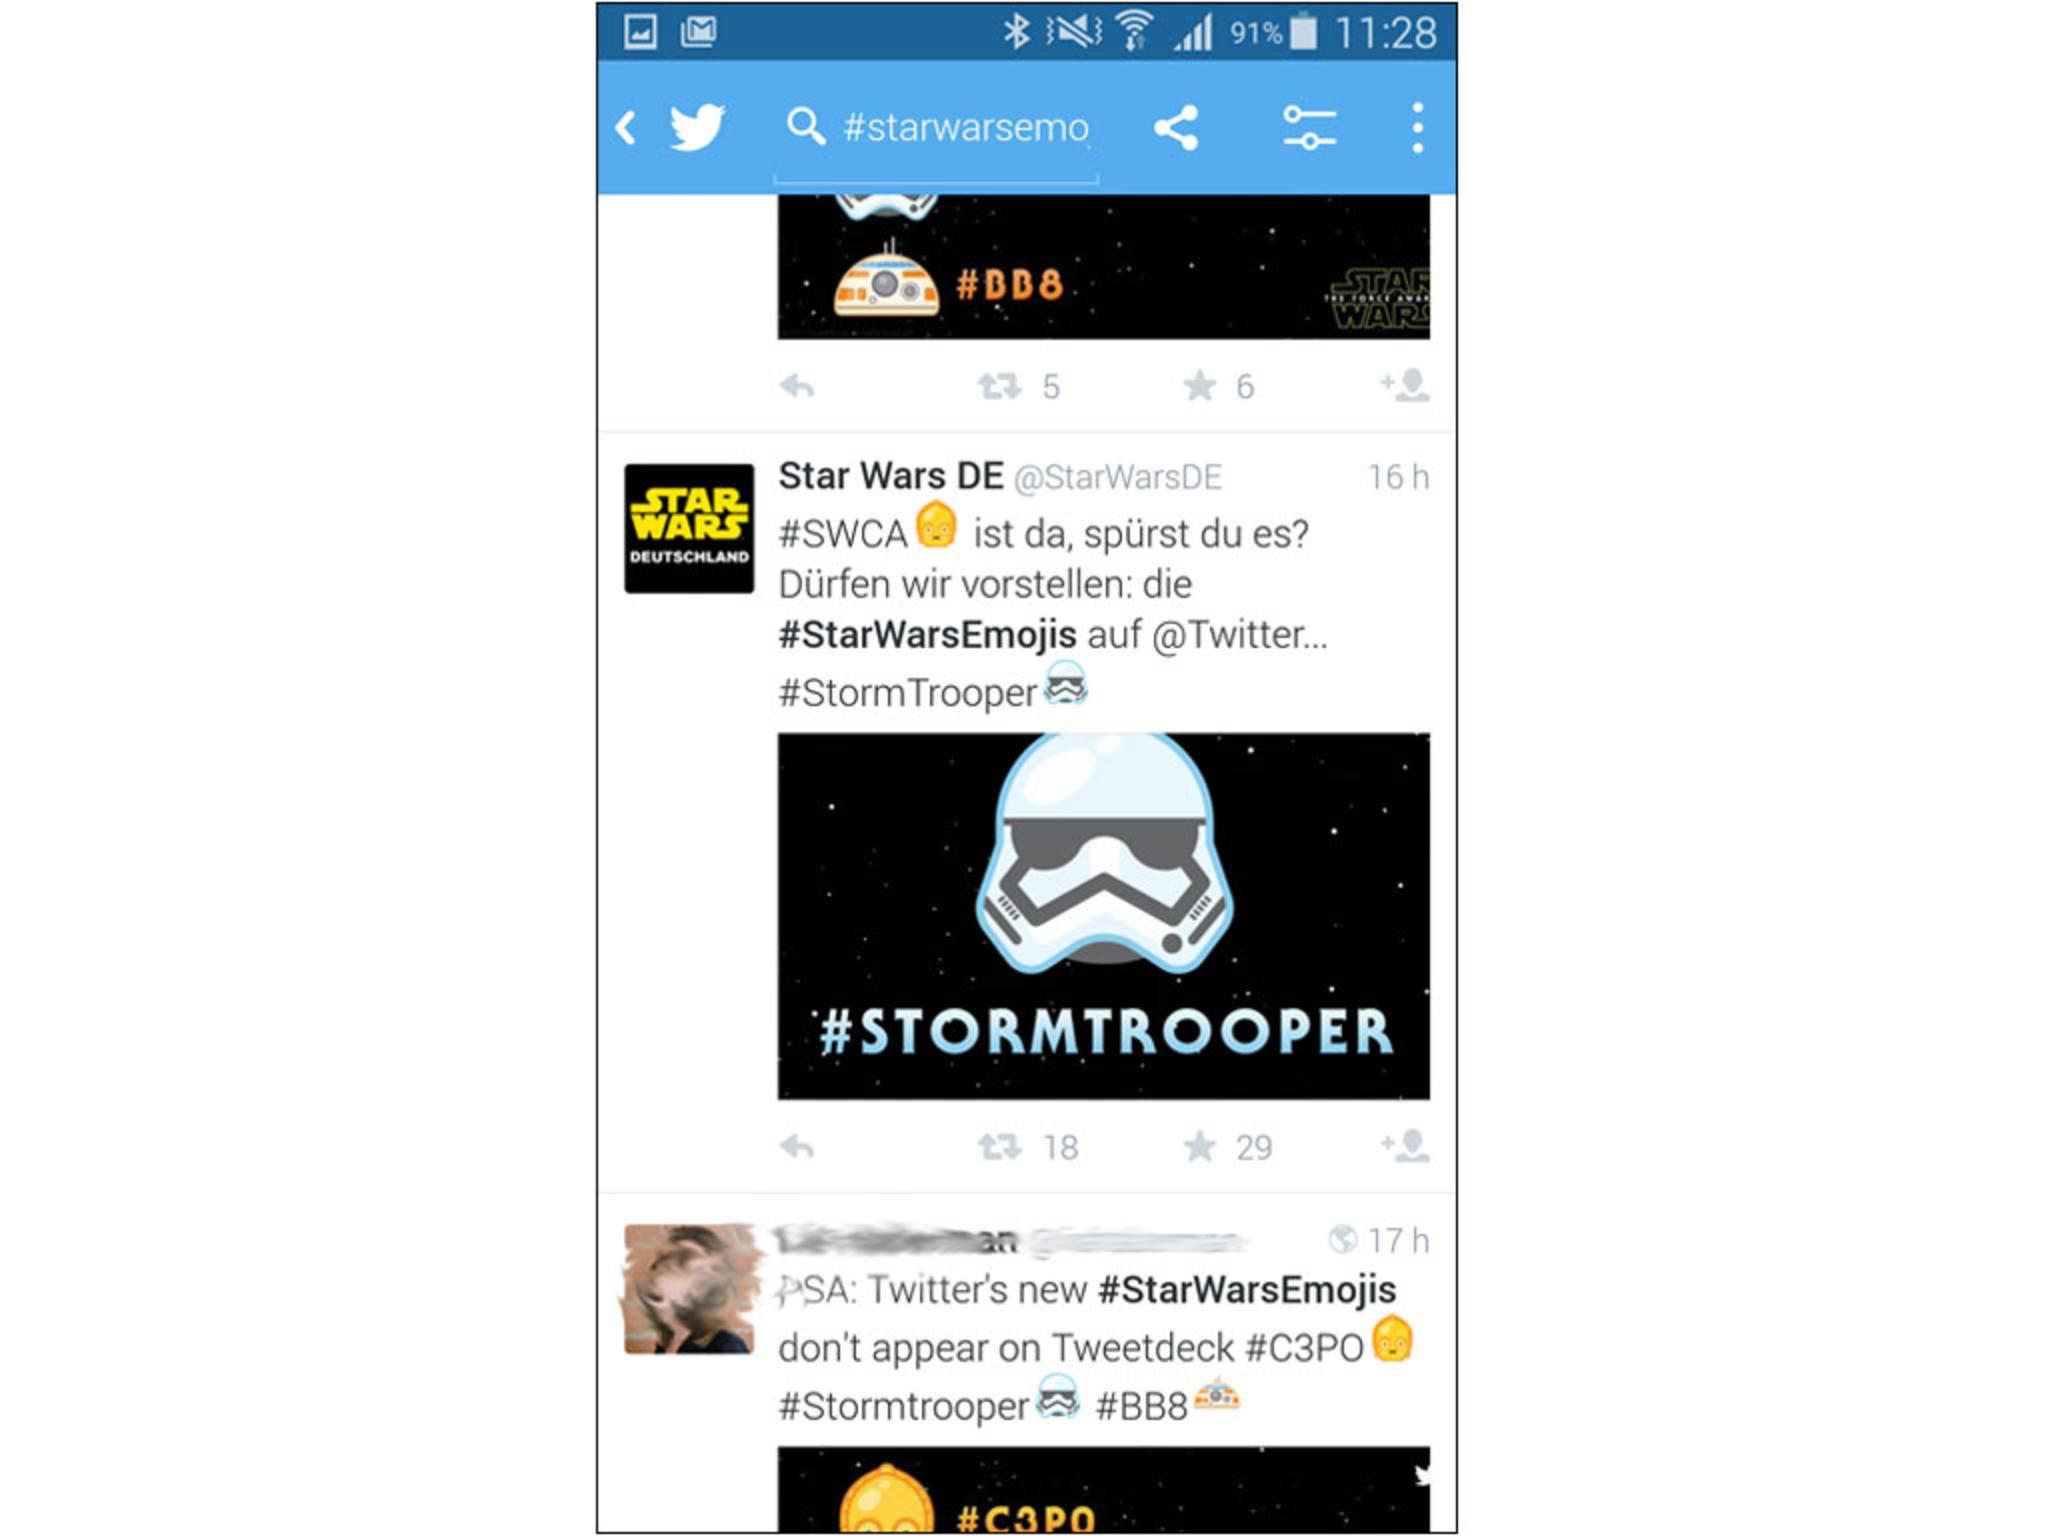 Und auch die Stormtroopers wurden verewigt.